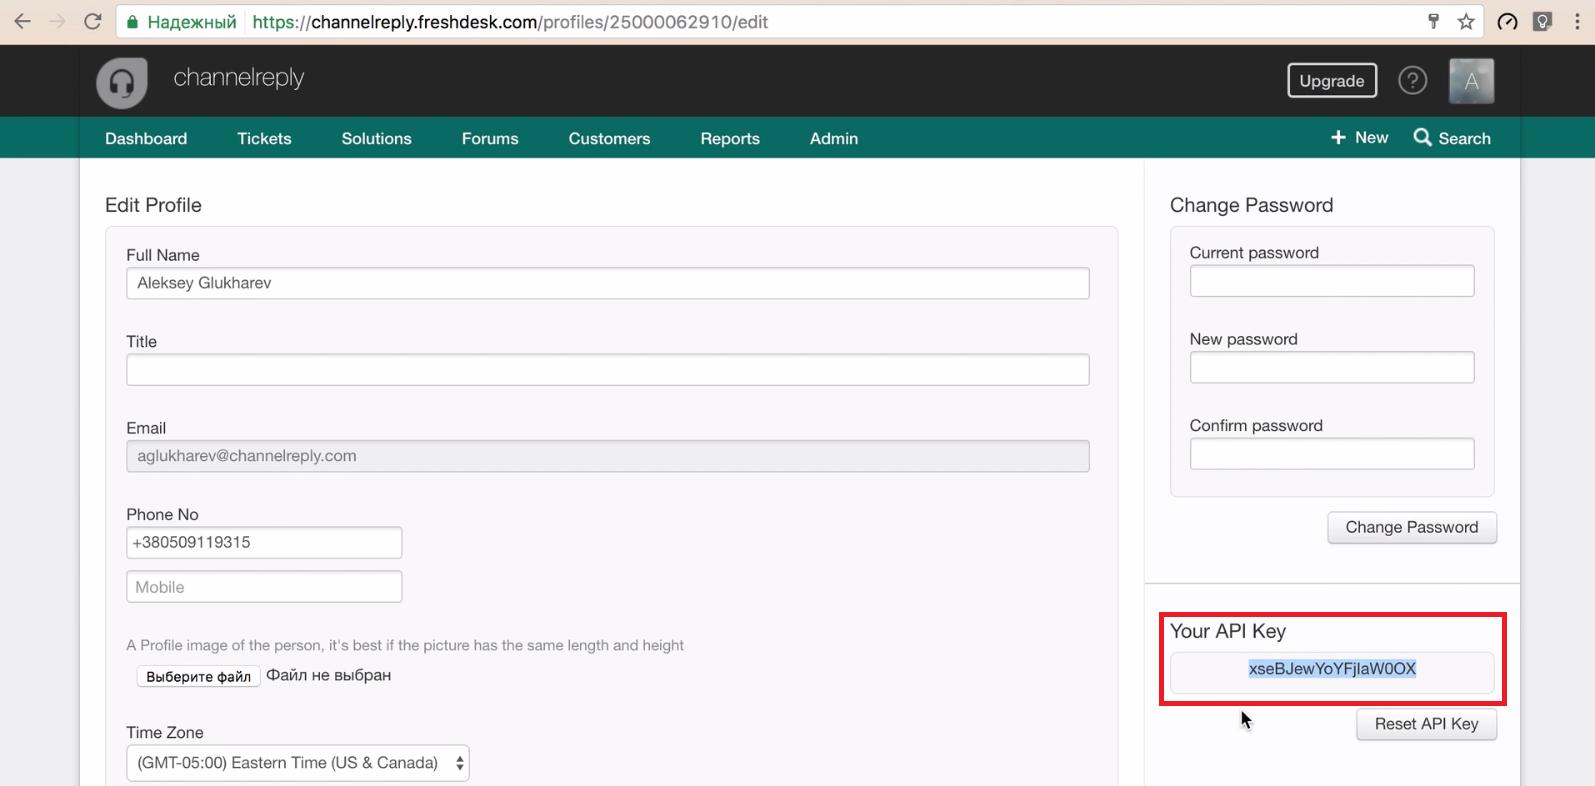 Freshdesk API Key